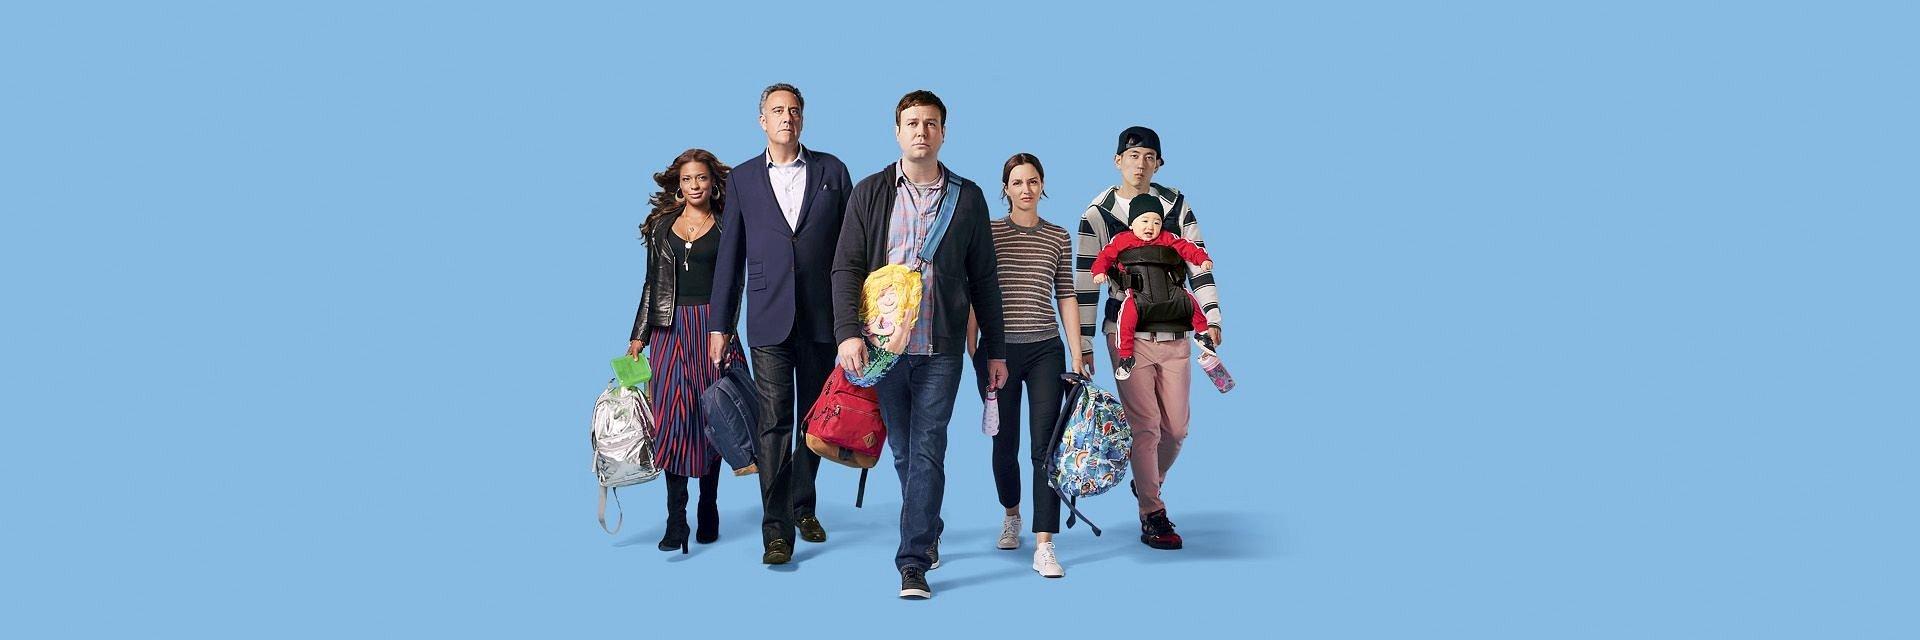 Uroki samotnego rodzicielstwa w komediowej odsłonie! Pierwszy sezon Rodziców nie do pary już 2 lutego na FOX Comedy!